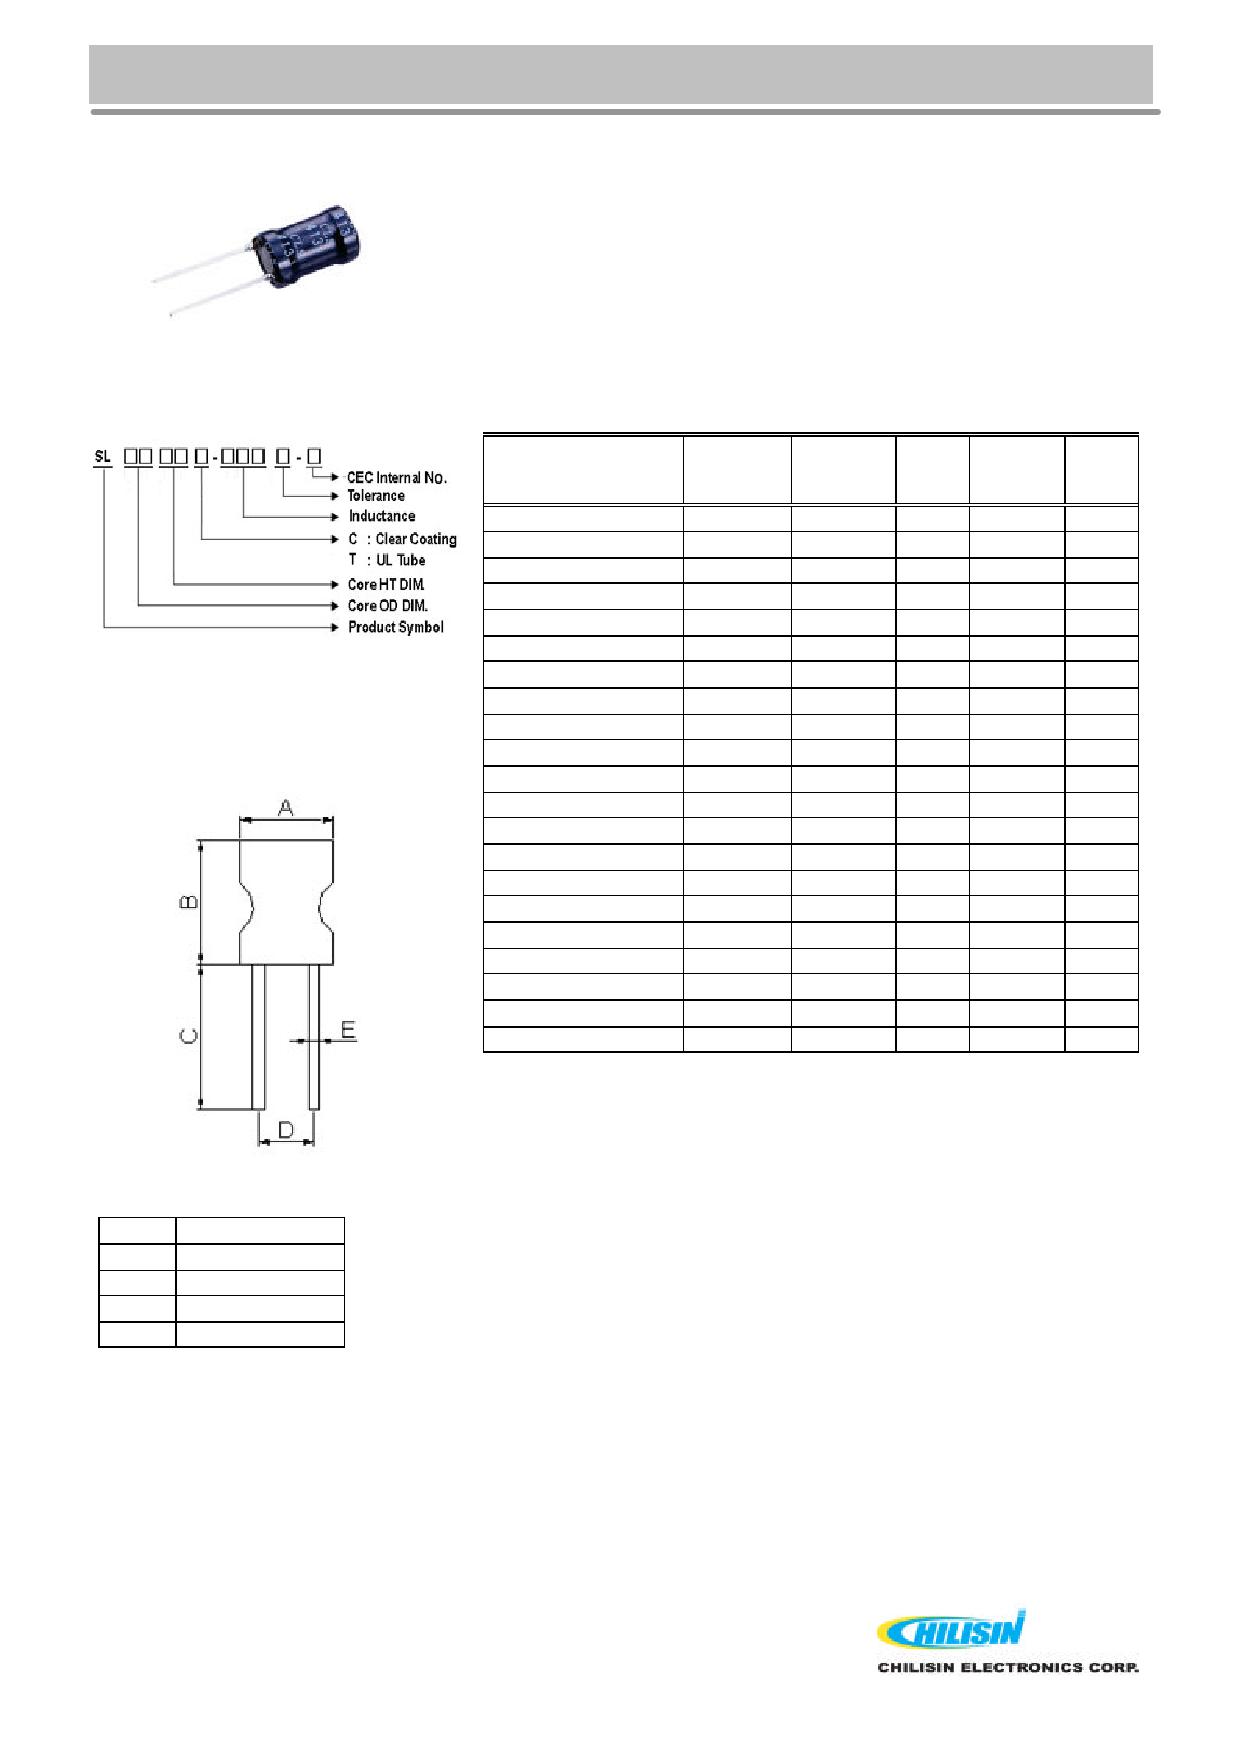 SL0608 데이터시트 및 SL0608 PDF